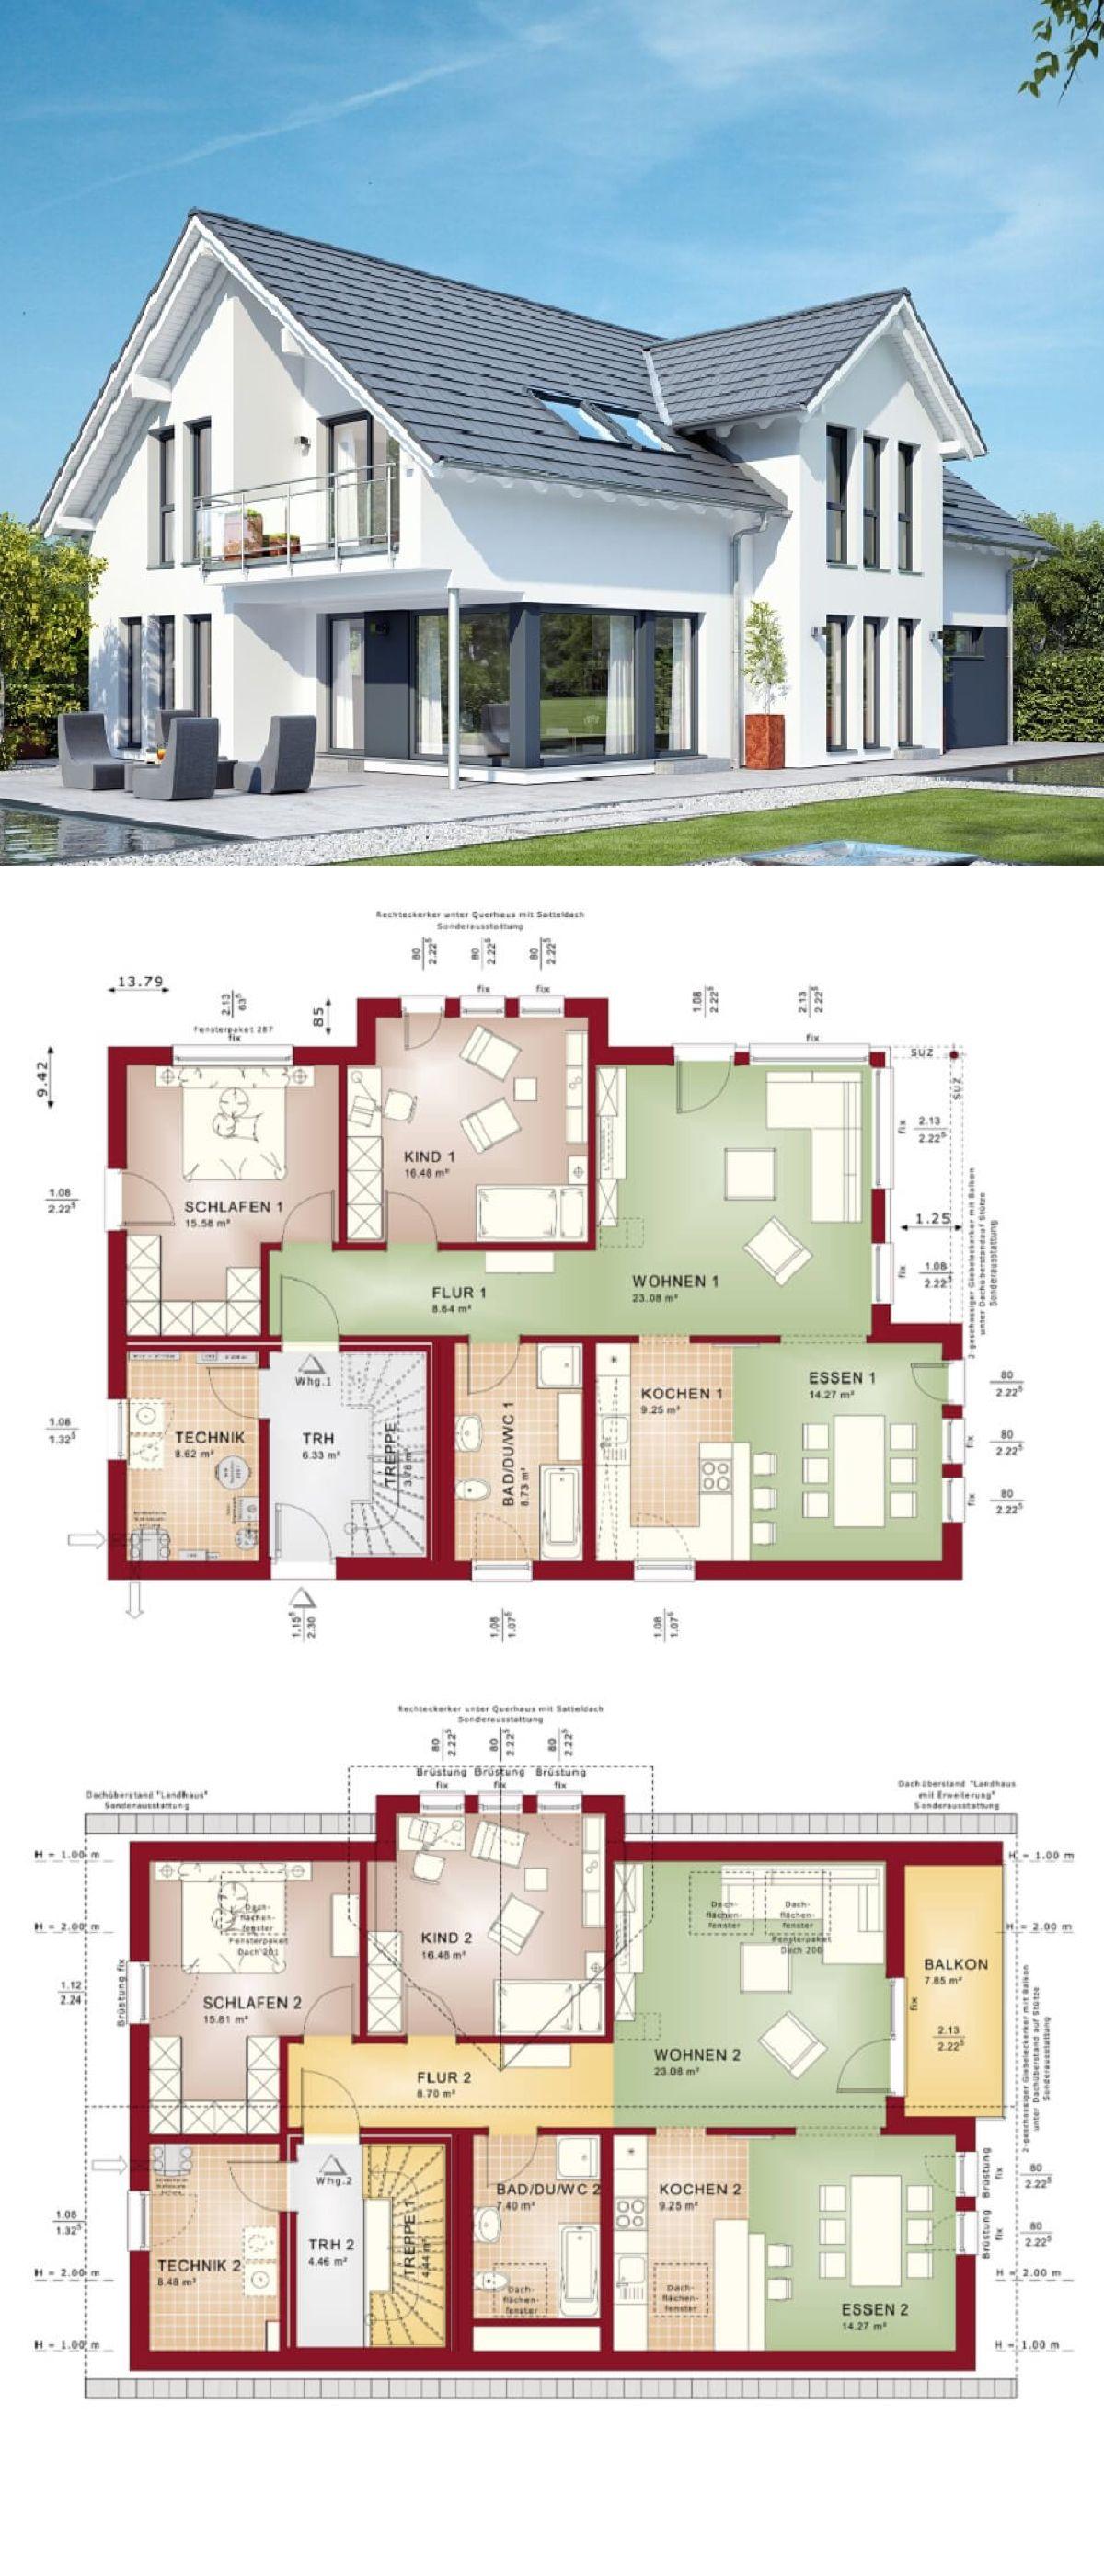 Zweifamilienhaus mit satteldach loggia und balkon haus for Zweifamilienhaus grundriss